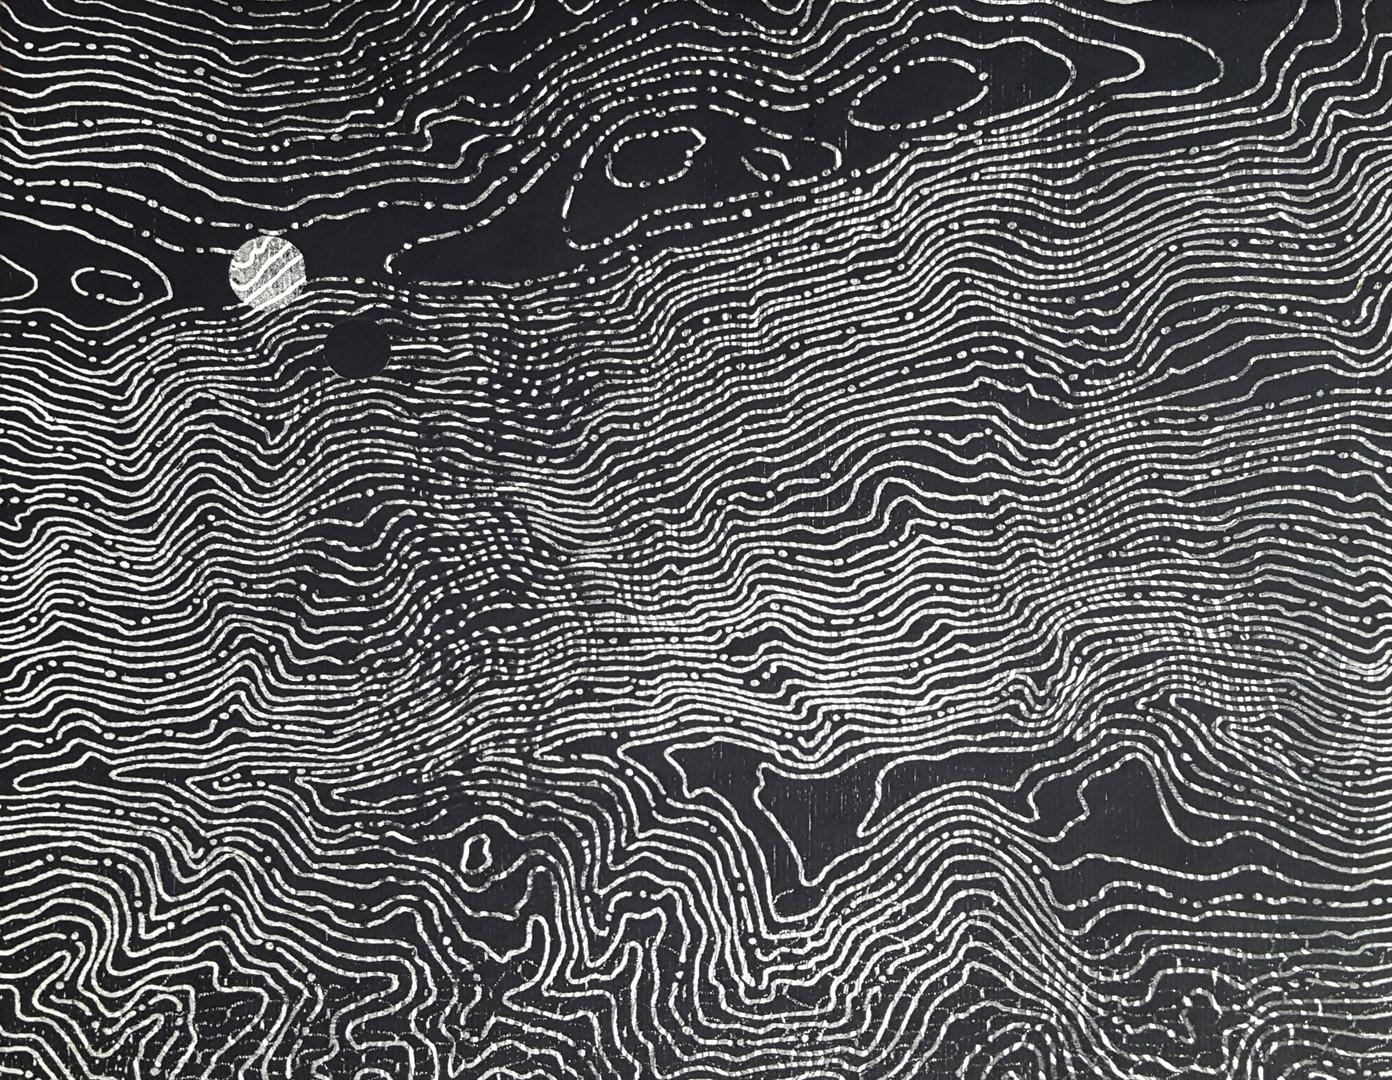 Earth Vista/Lunar Event